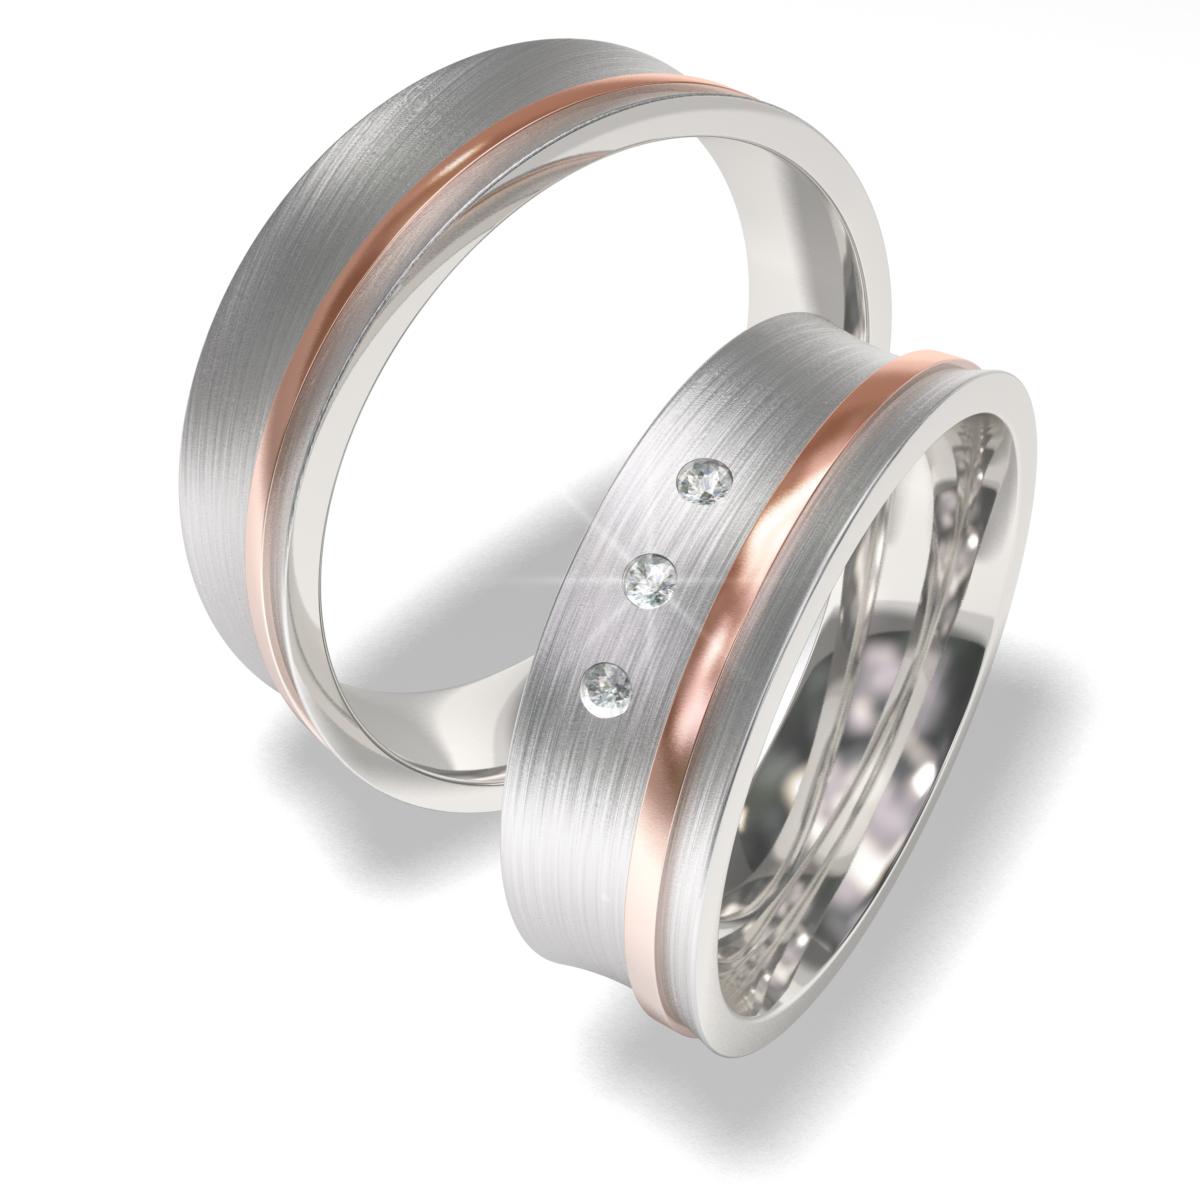 Luxusní Ocelové snubní prsteny 7024 (Luxusní Ocelové snubní prsteny 7024)